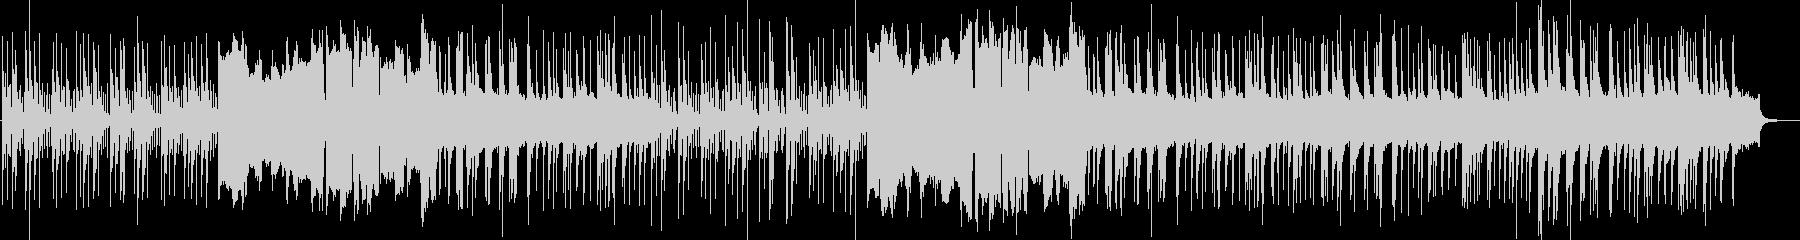 スローテンポな琴と篳篥による幻想的な曲の未再生の波形